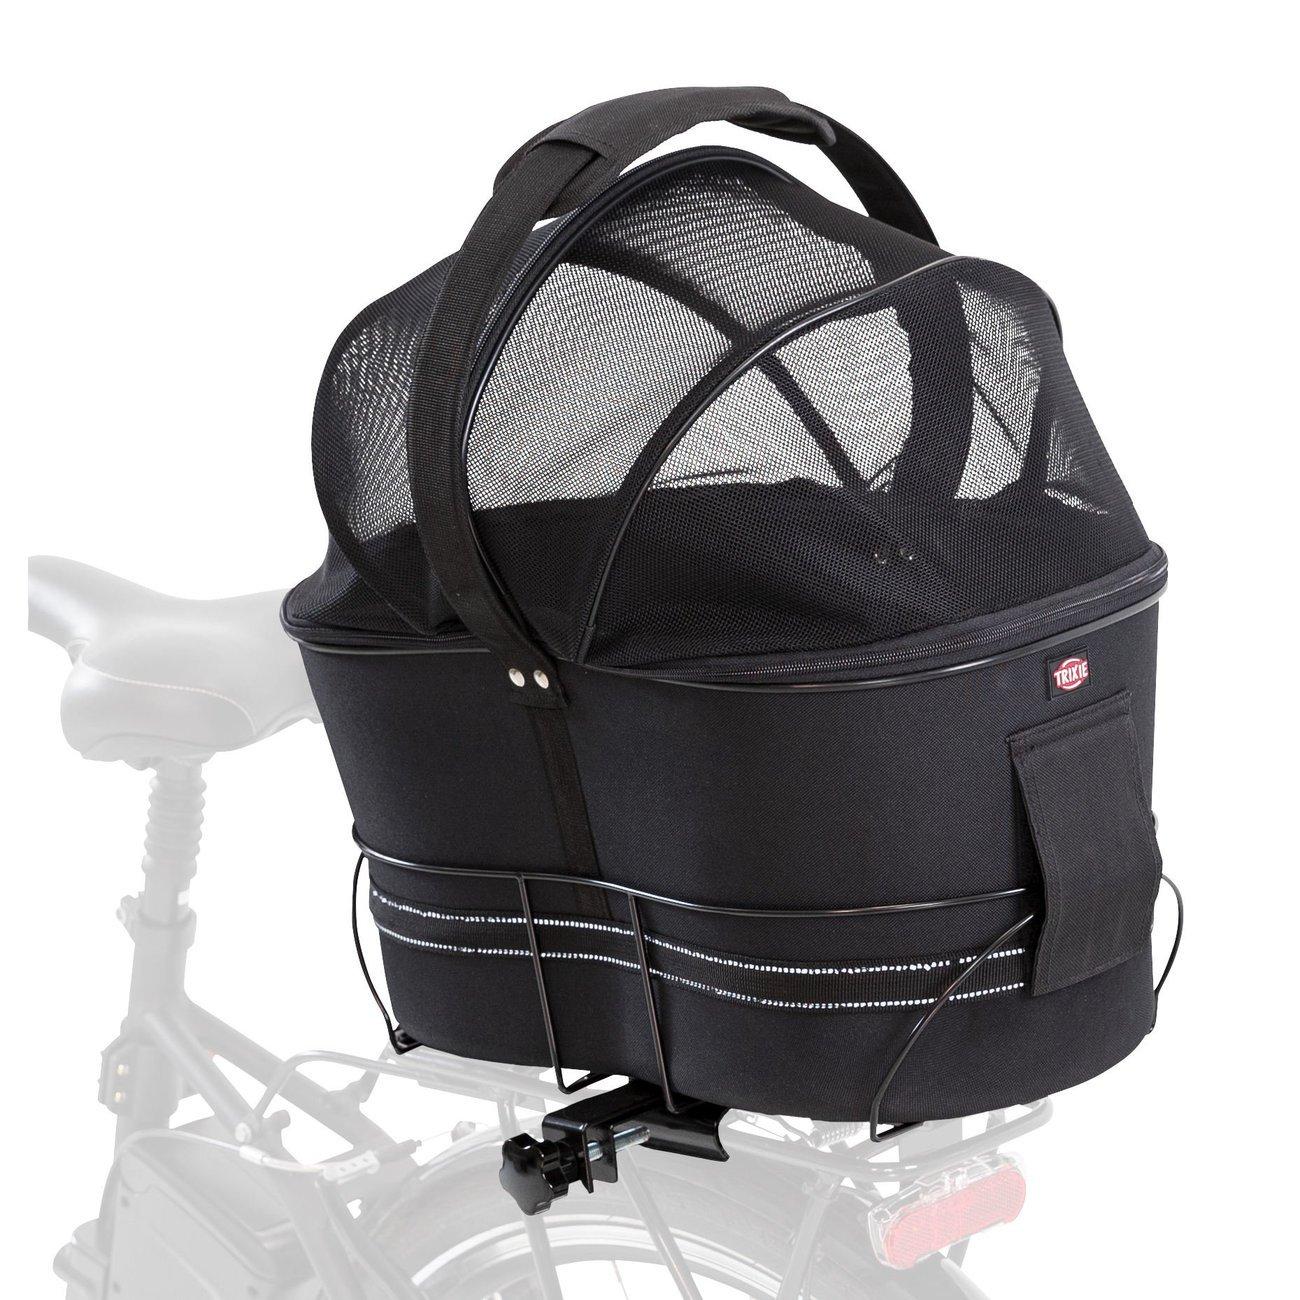 Fahrradtasche mit Metallrahmen für breite Gepäckträger Bild 12